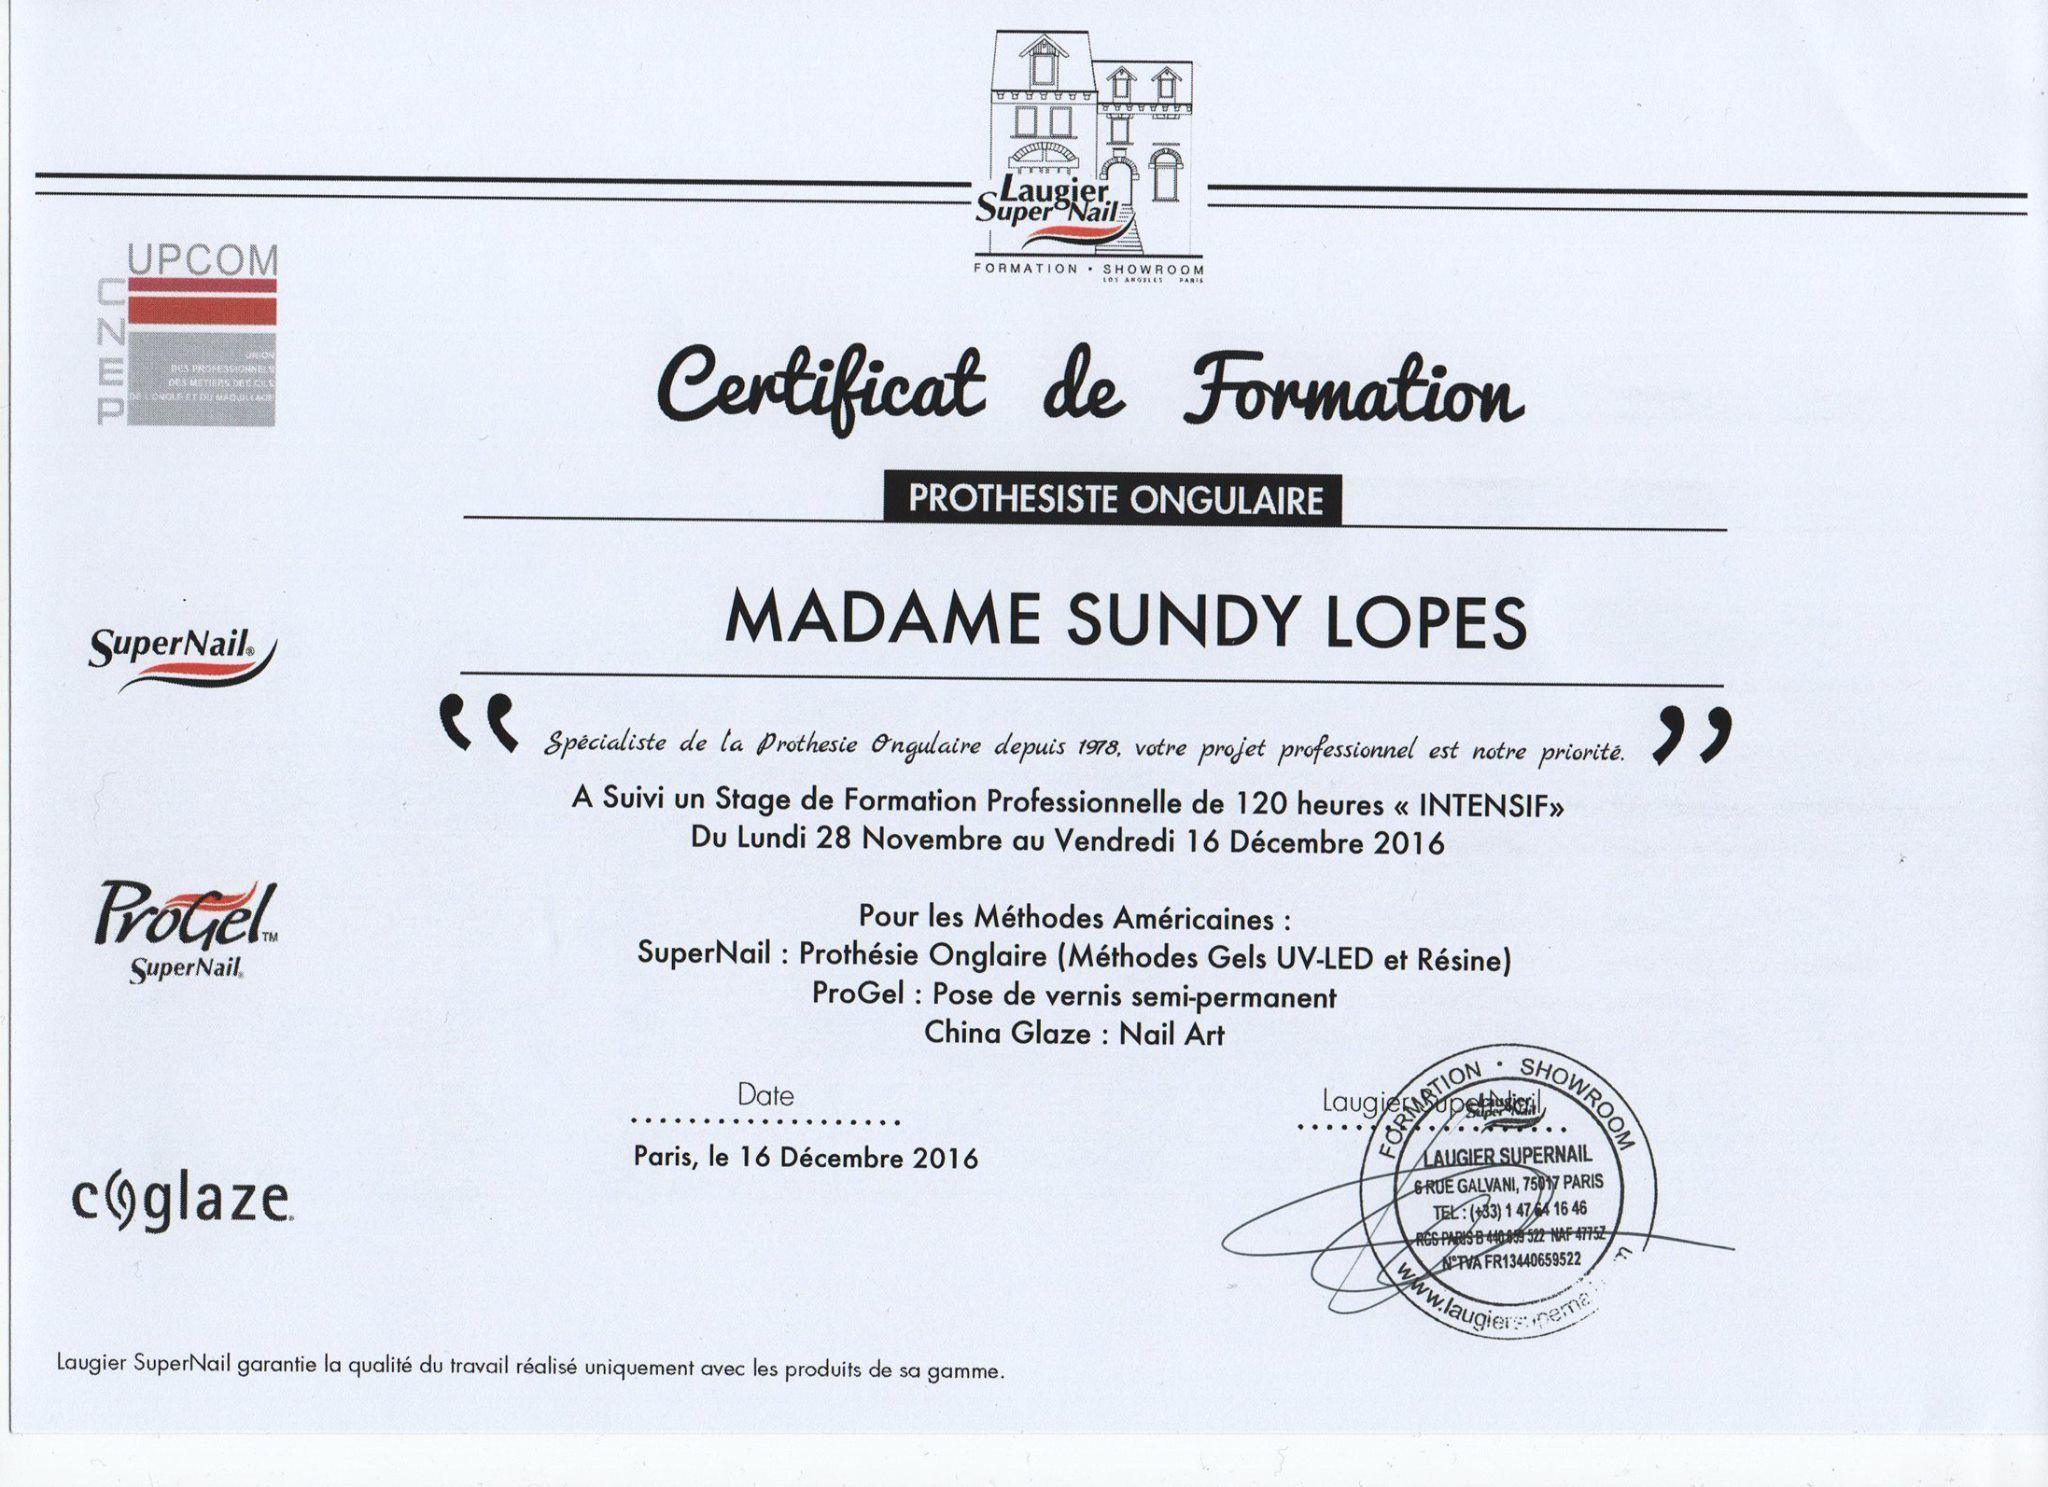 Epingle Par Wonderful By S Sur Les Indispensables Formation Prothesiste Ongulaire Certificat De Formation Formation Professionnelle